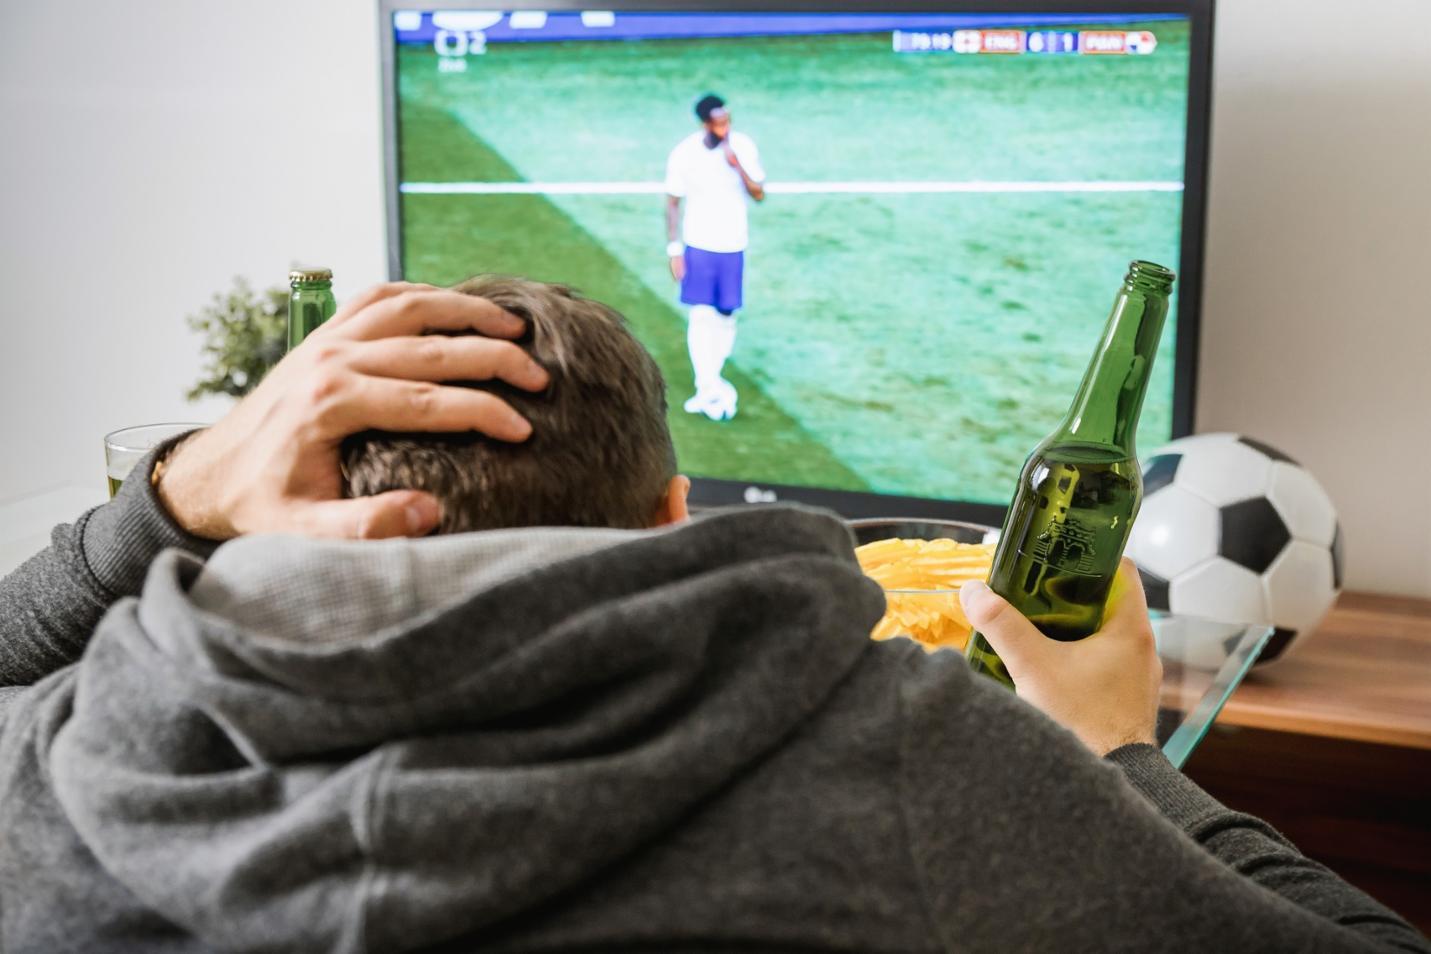 Dé checklist voor het kijken van sport tijdens deze corona crisis